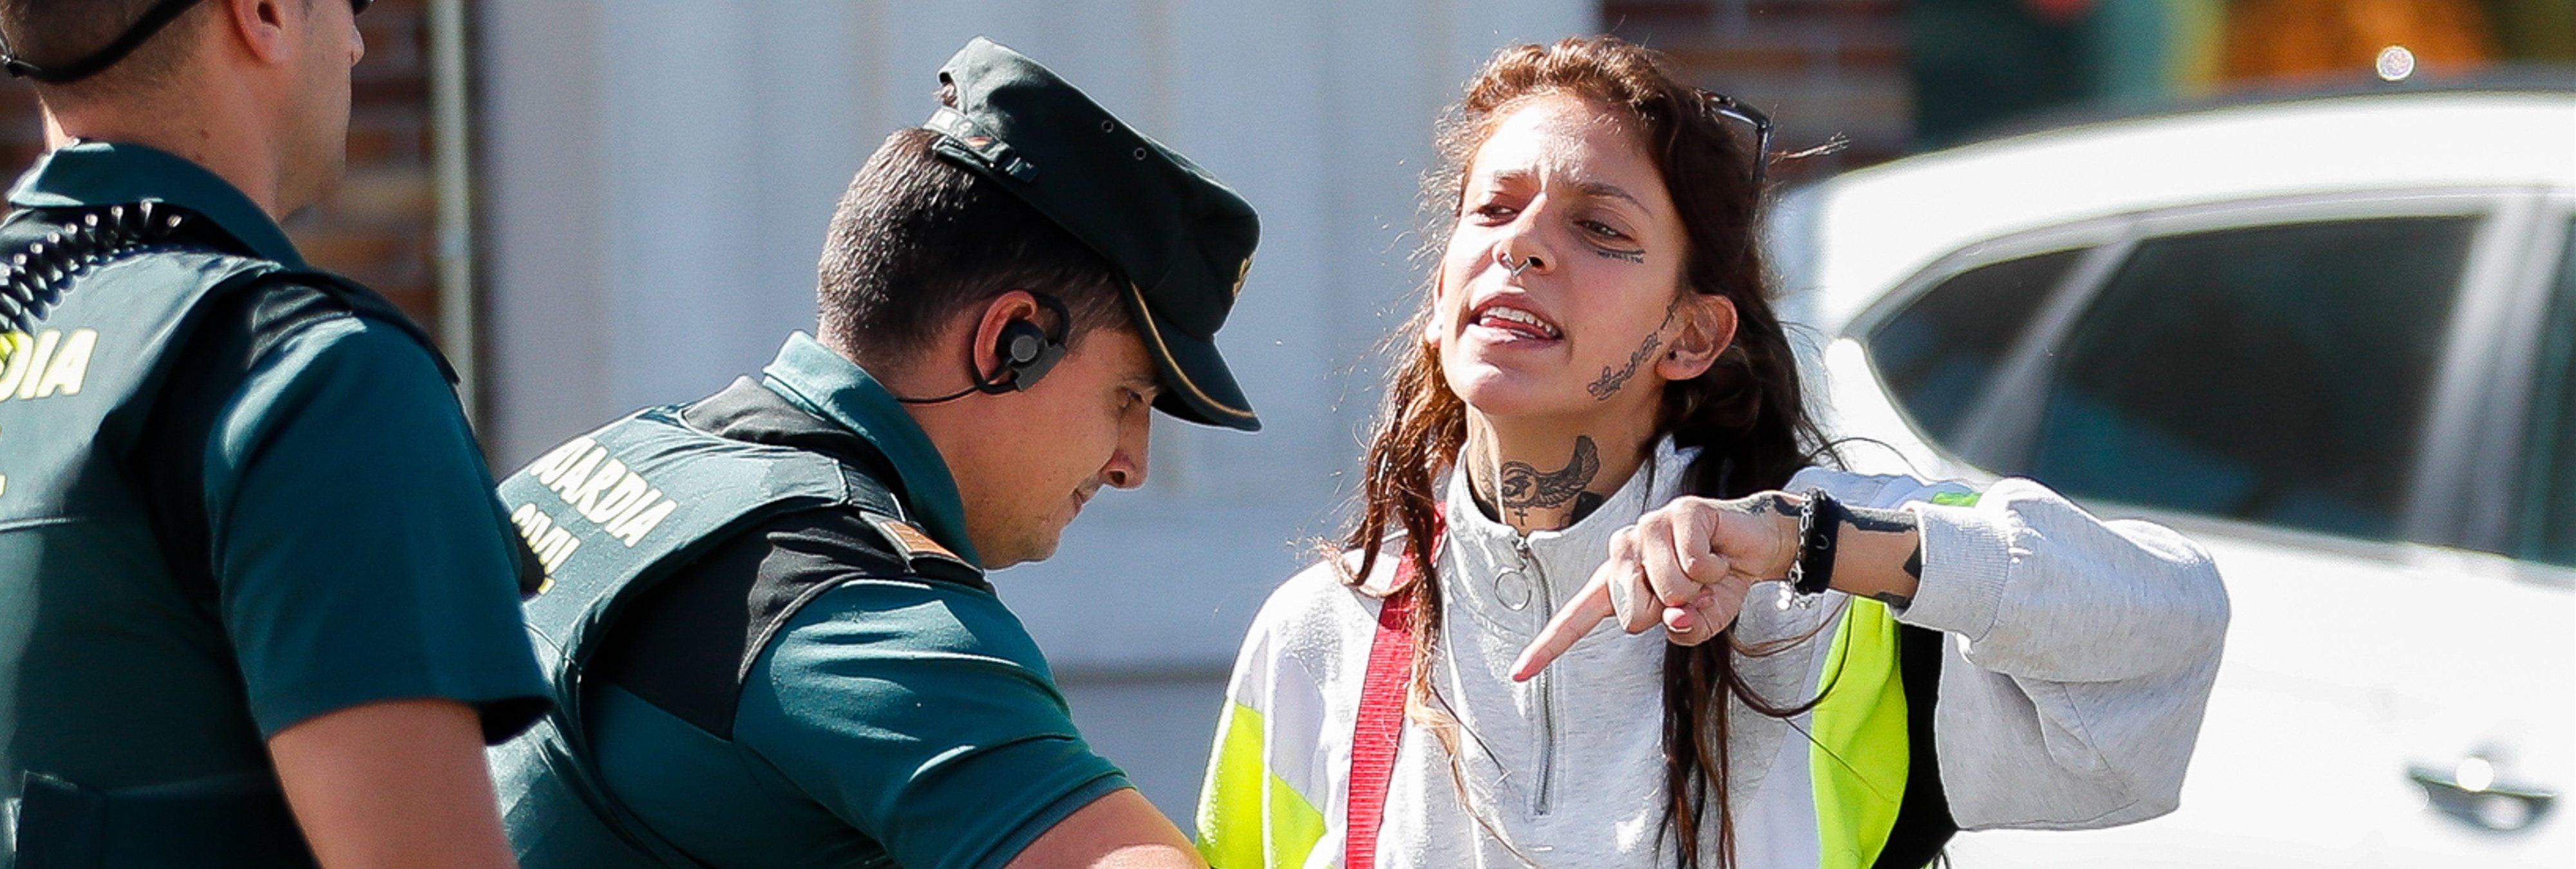 """Valeria, hermana de Diana Quer, se proclama """"feminista de derechas"""" y ataca a la izquierda"""